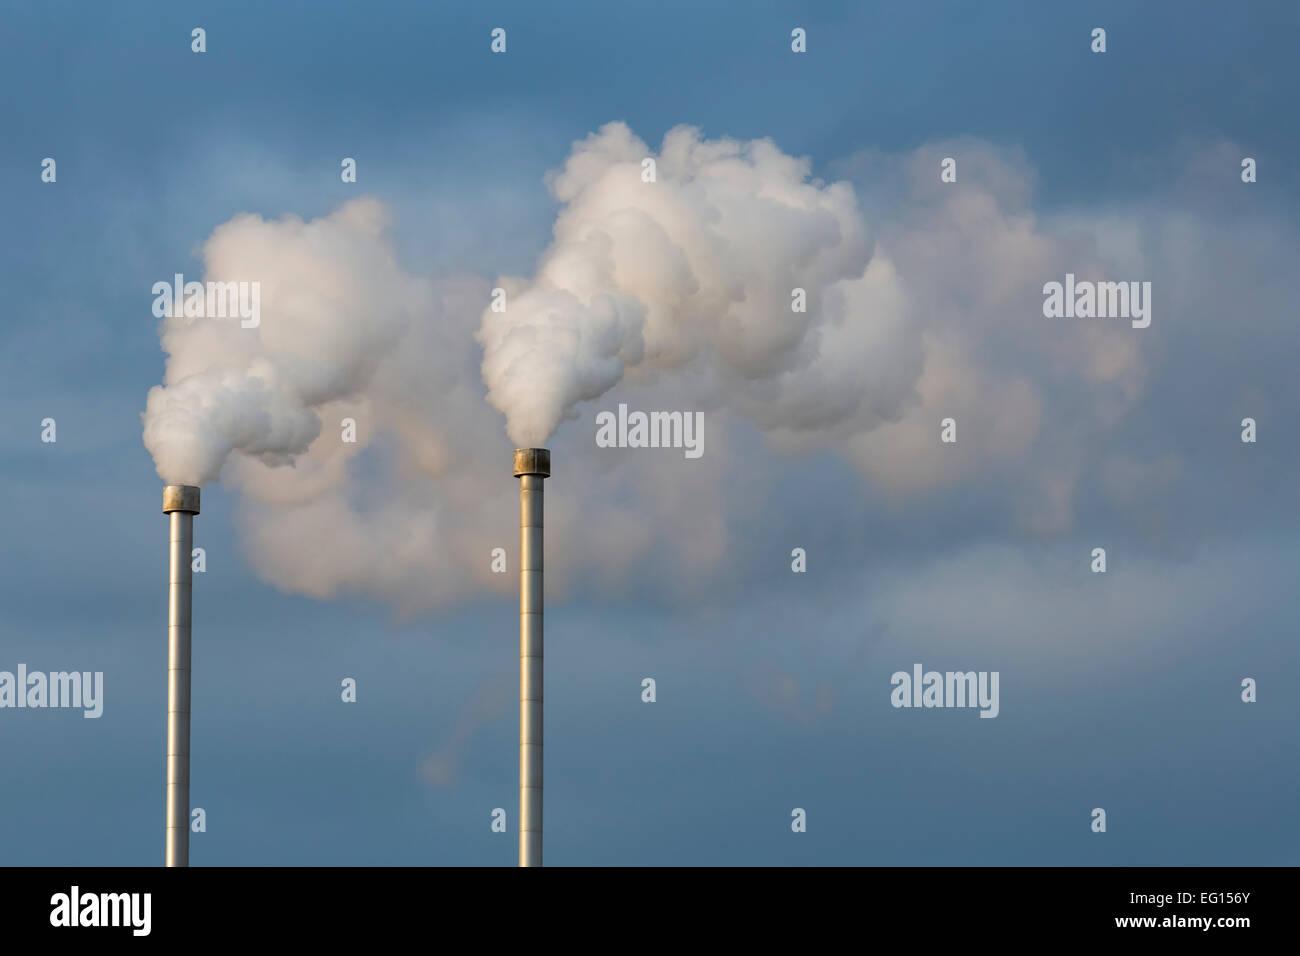 La vapeur provenant de l'énergie géothermique, l'énergie propre Photo Stock